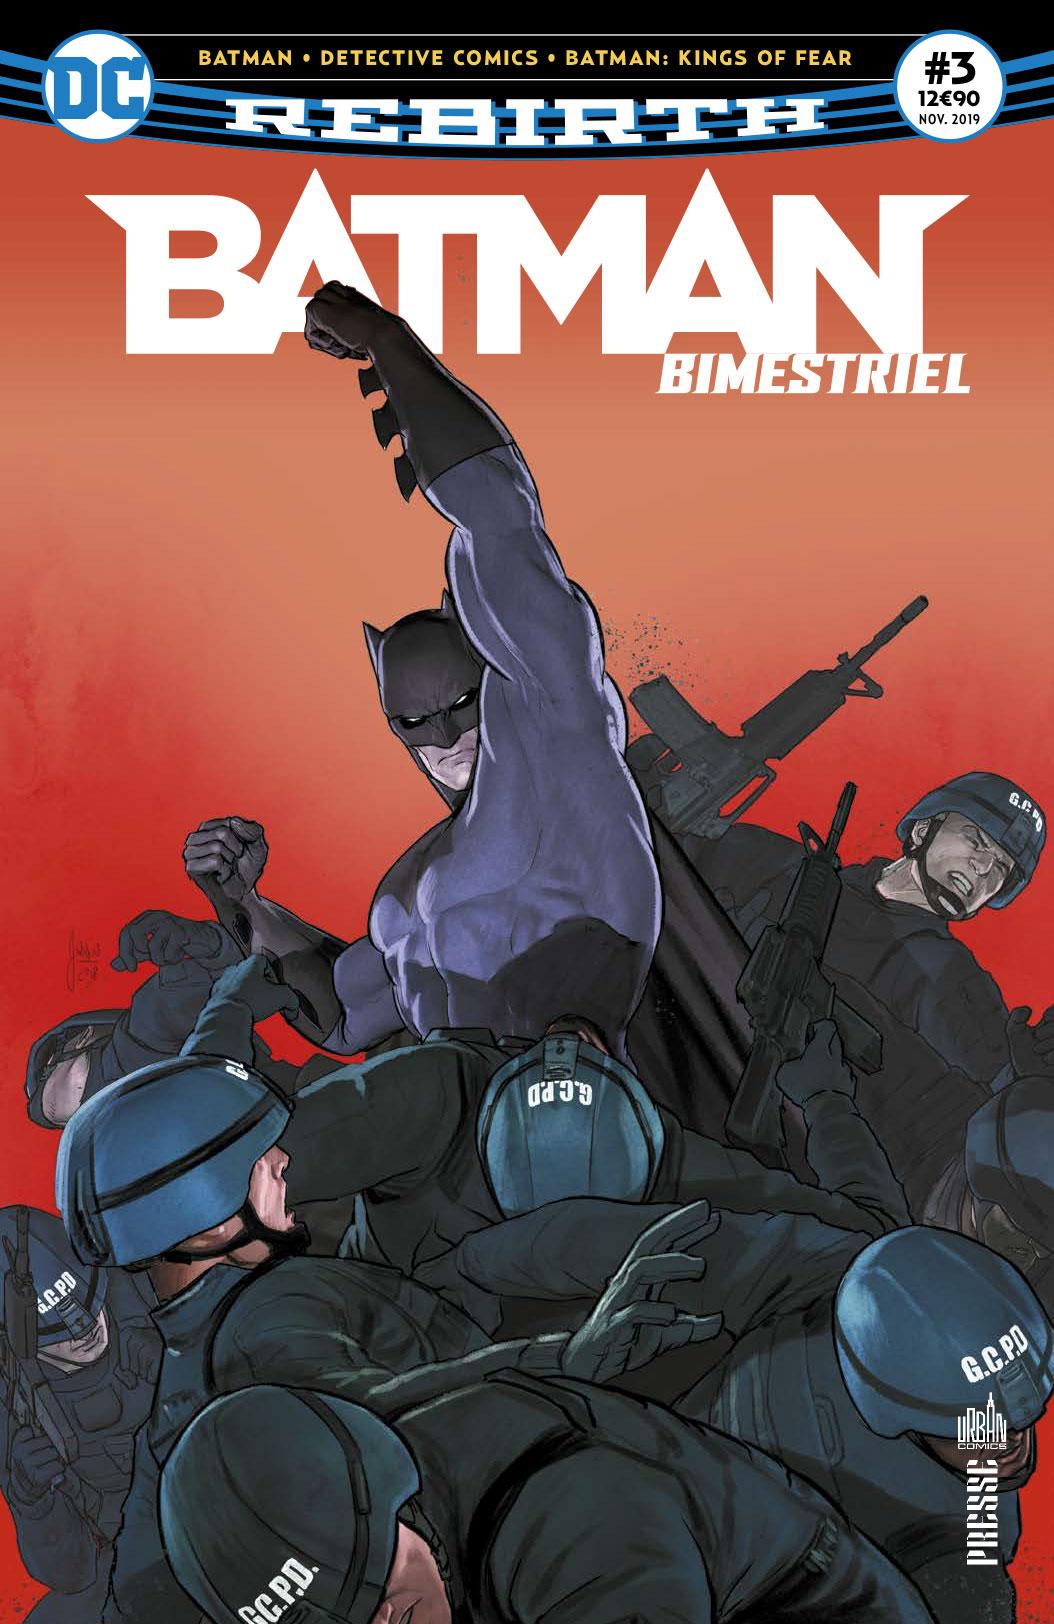 Batman bimestriel 3 - Piège mental !